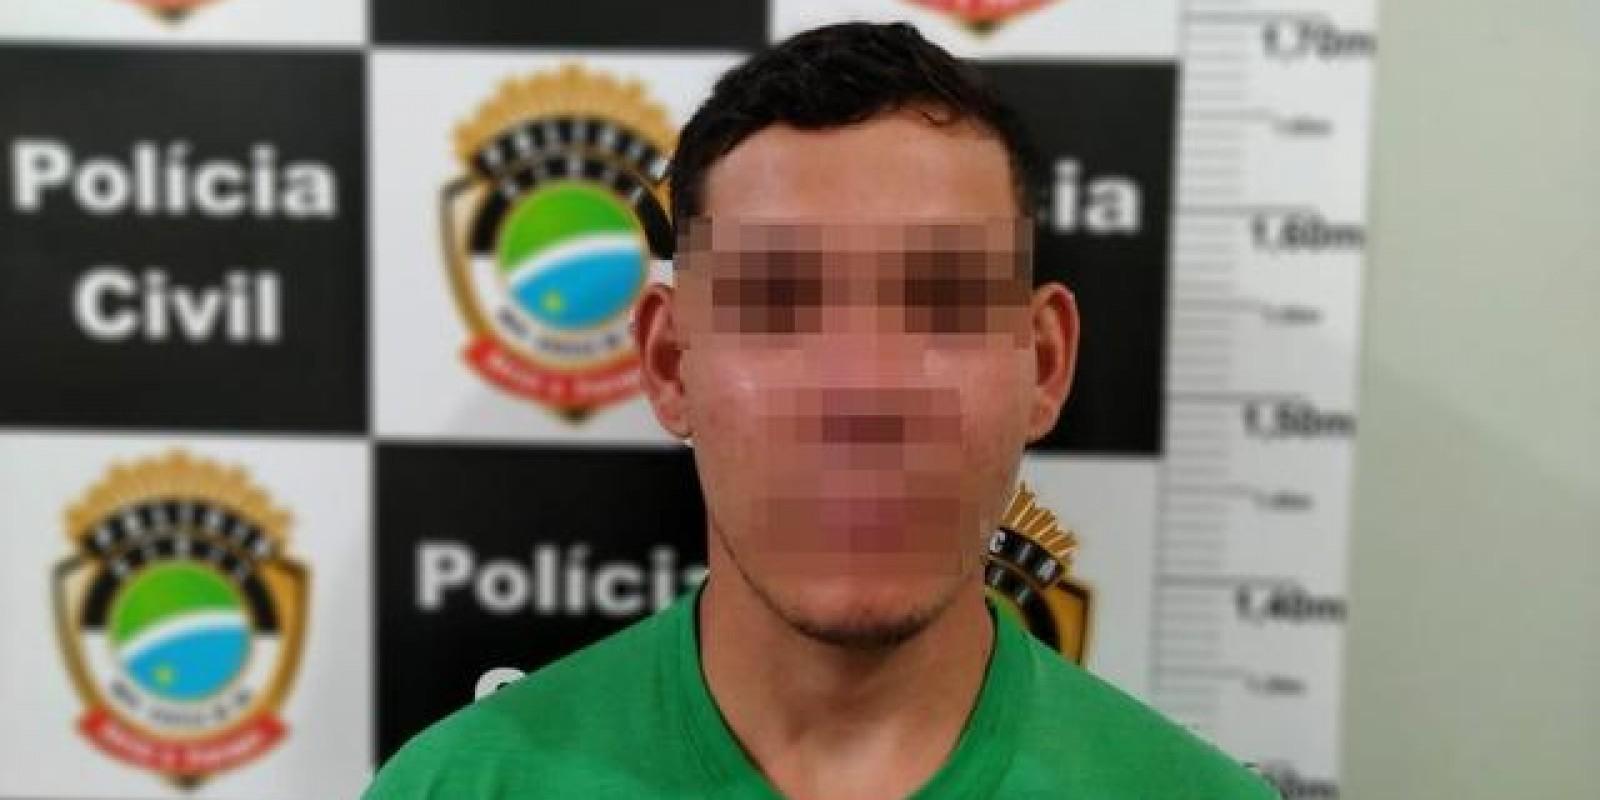 Polícia Civil identifica e prende incendiário que atacou ônibus e caminhonete em Três Lagoas